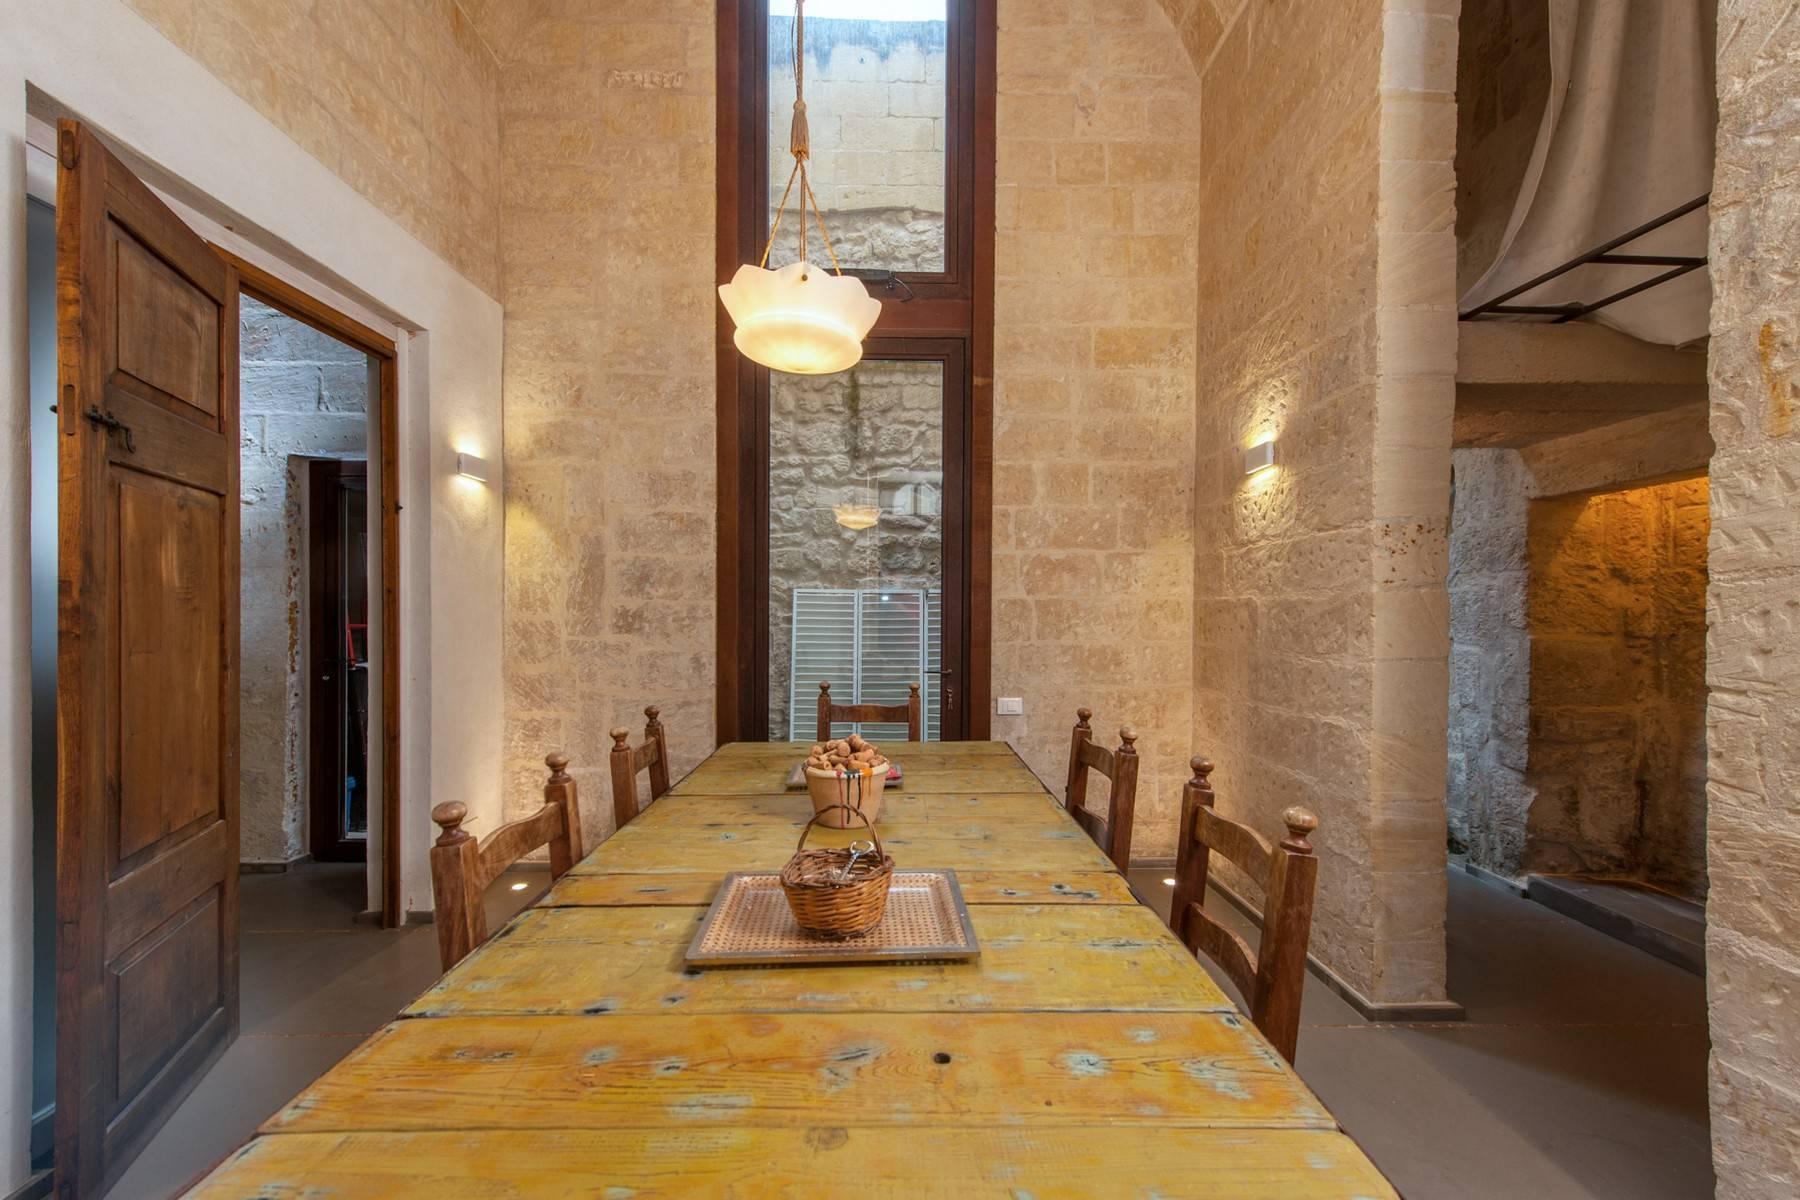 Abitazione indipendente di charme nel cuore del Barocco Leccese - 4